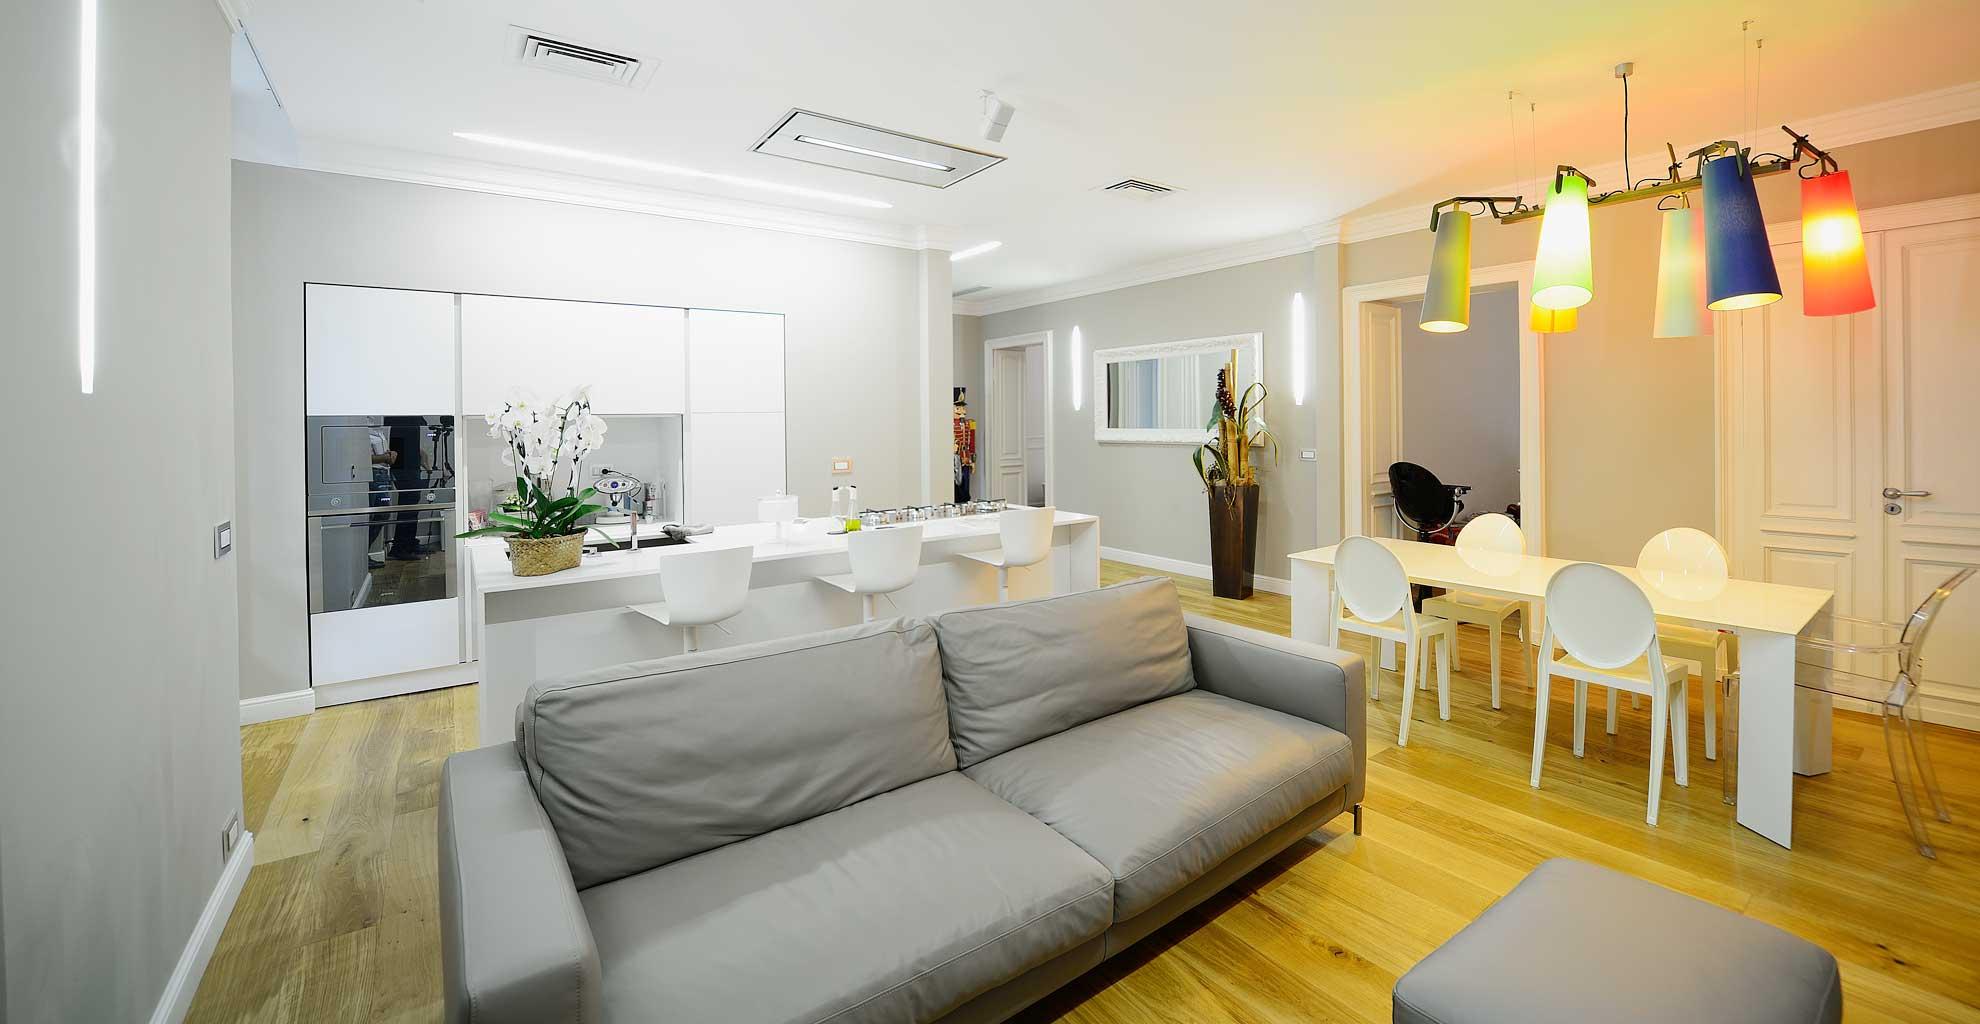 gallery home progettazione interni e arredamenti torino